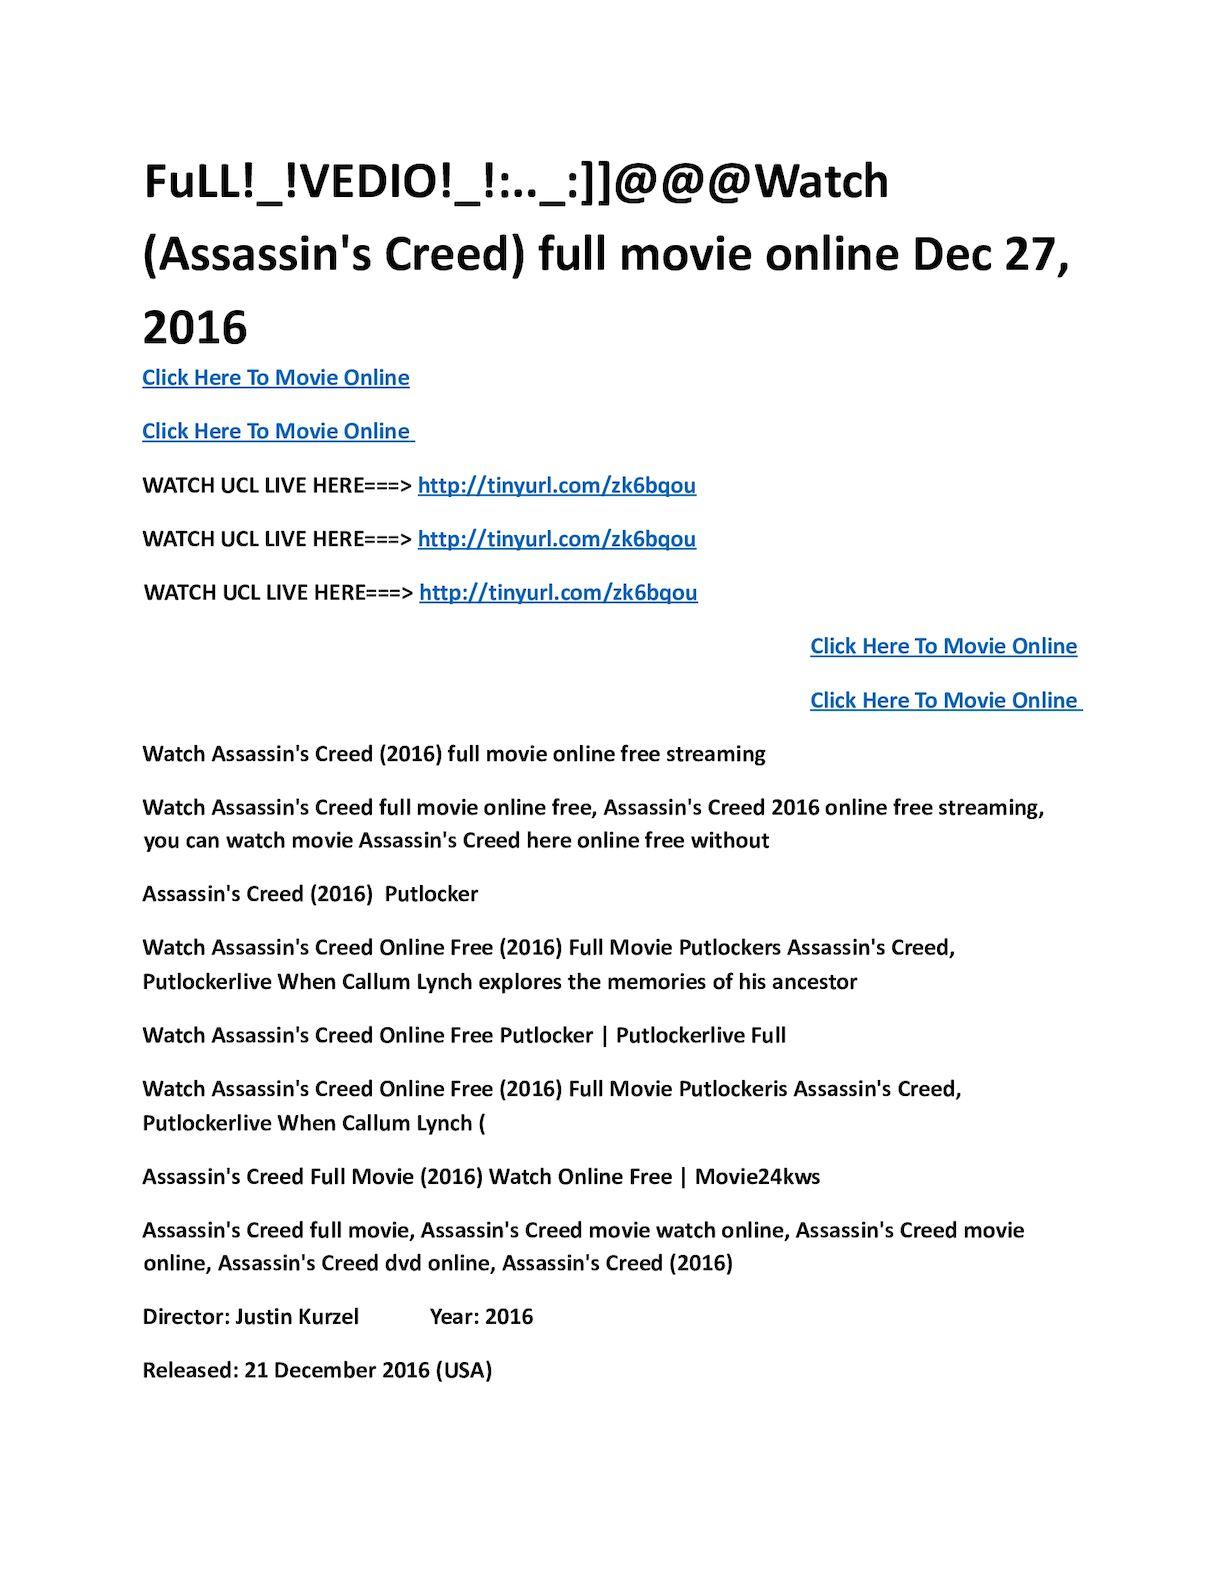 Calameo Assassin S Creed Full Movie Online Dec 27 20161 Pdf